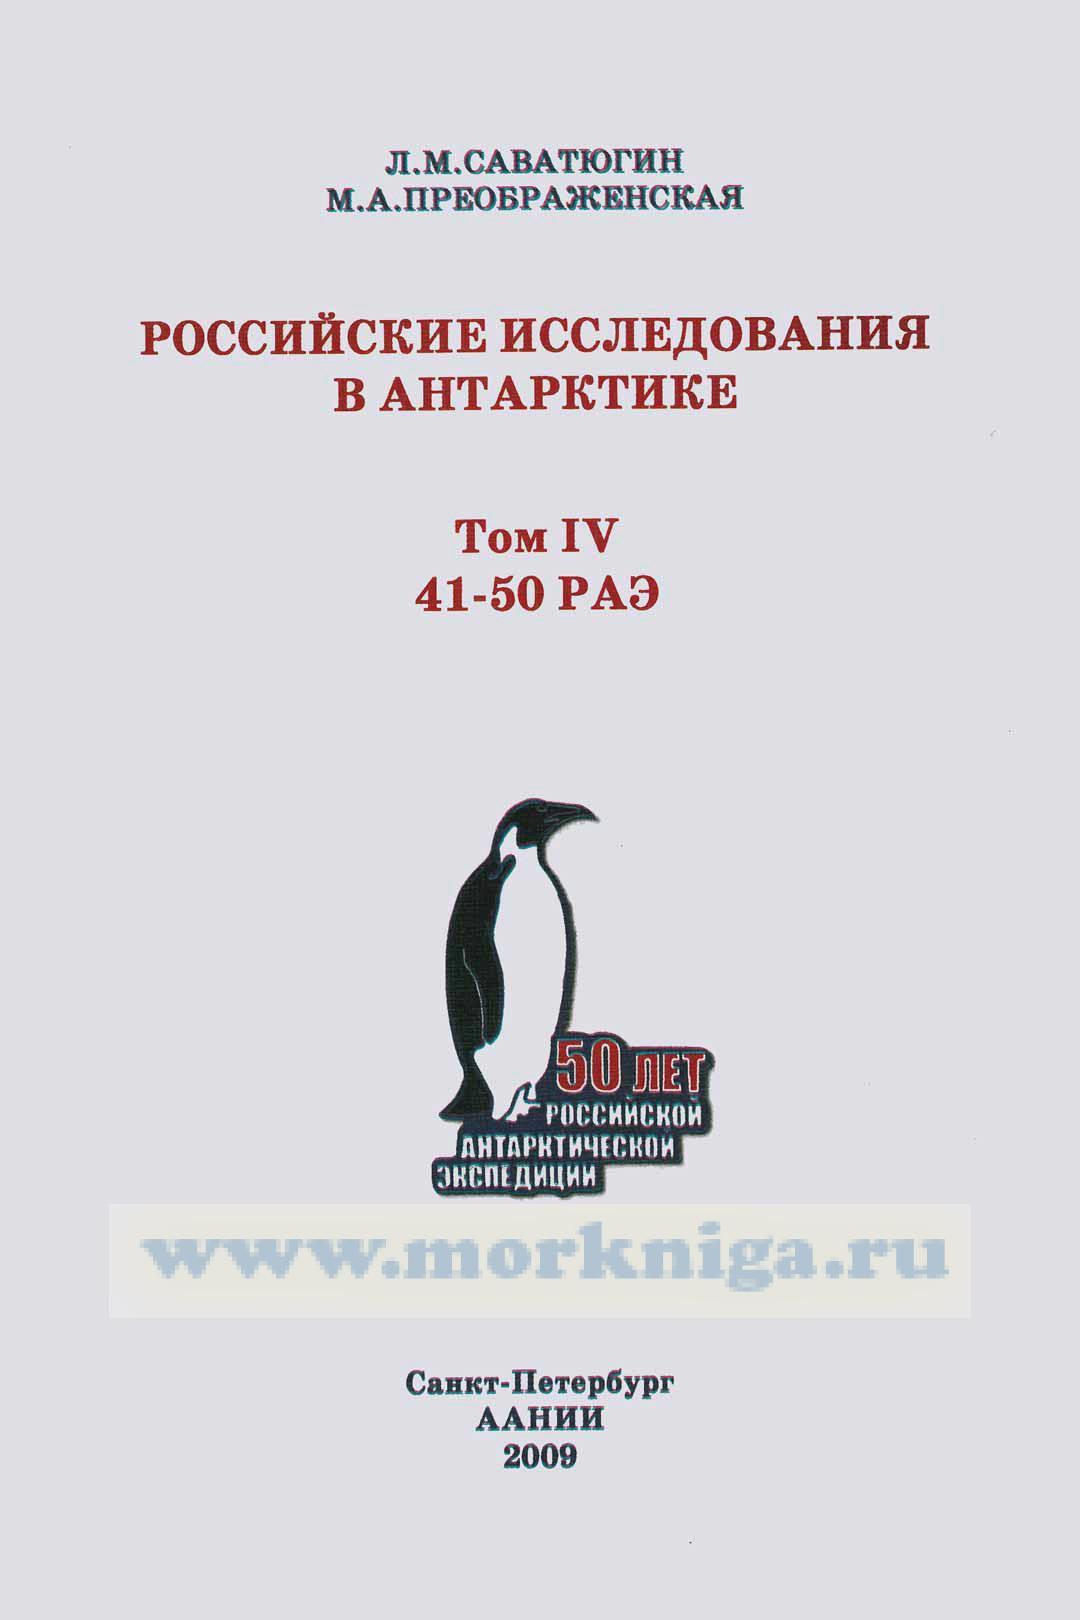 Российские исследования в Антарктике. Том IV (41-50 РАЭ)